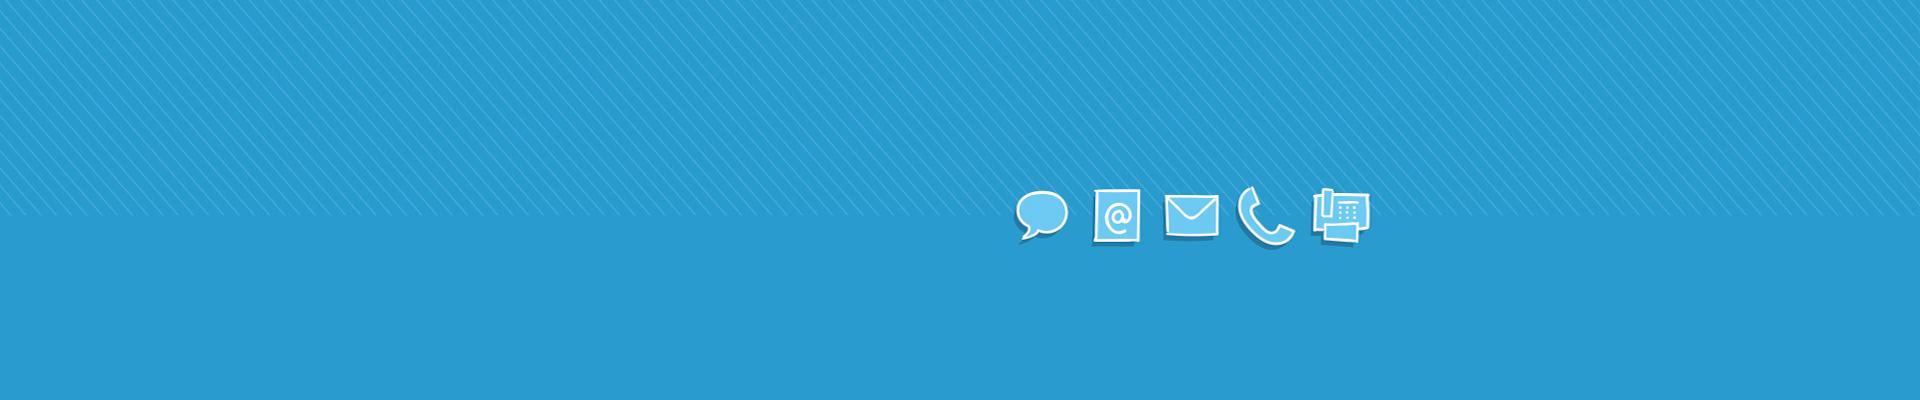 netbit header contact image